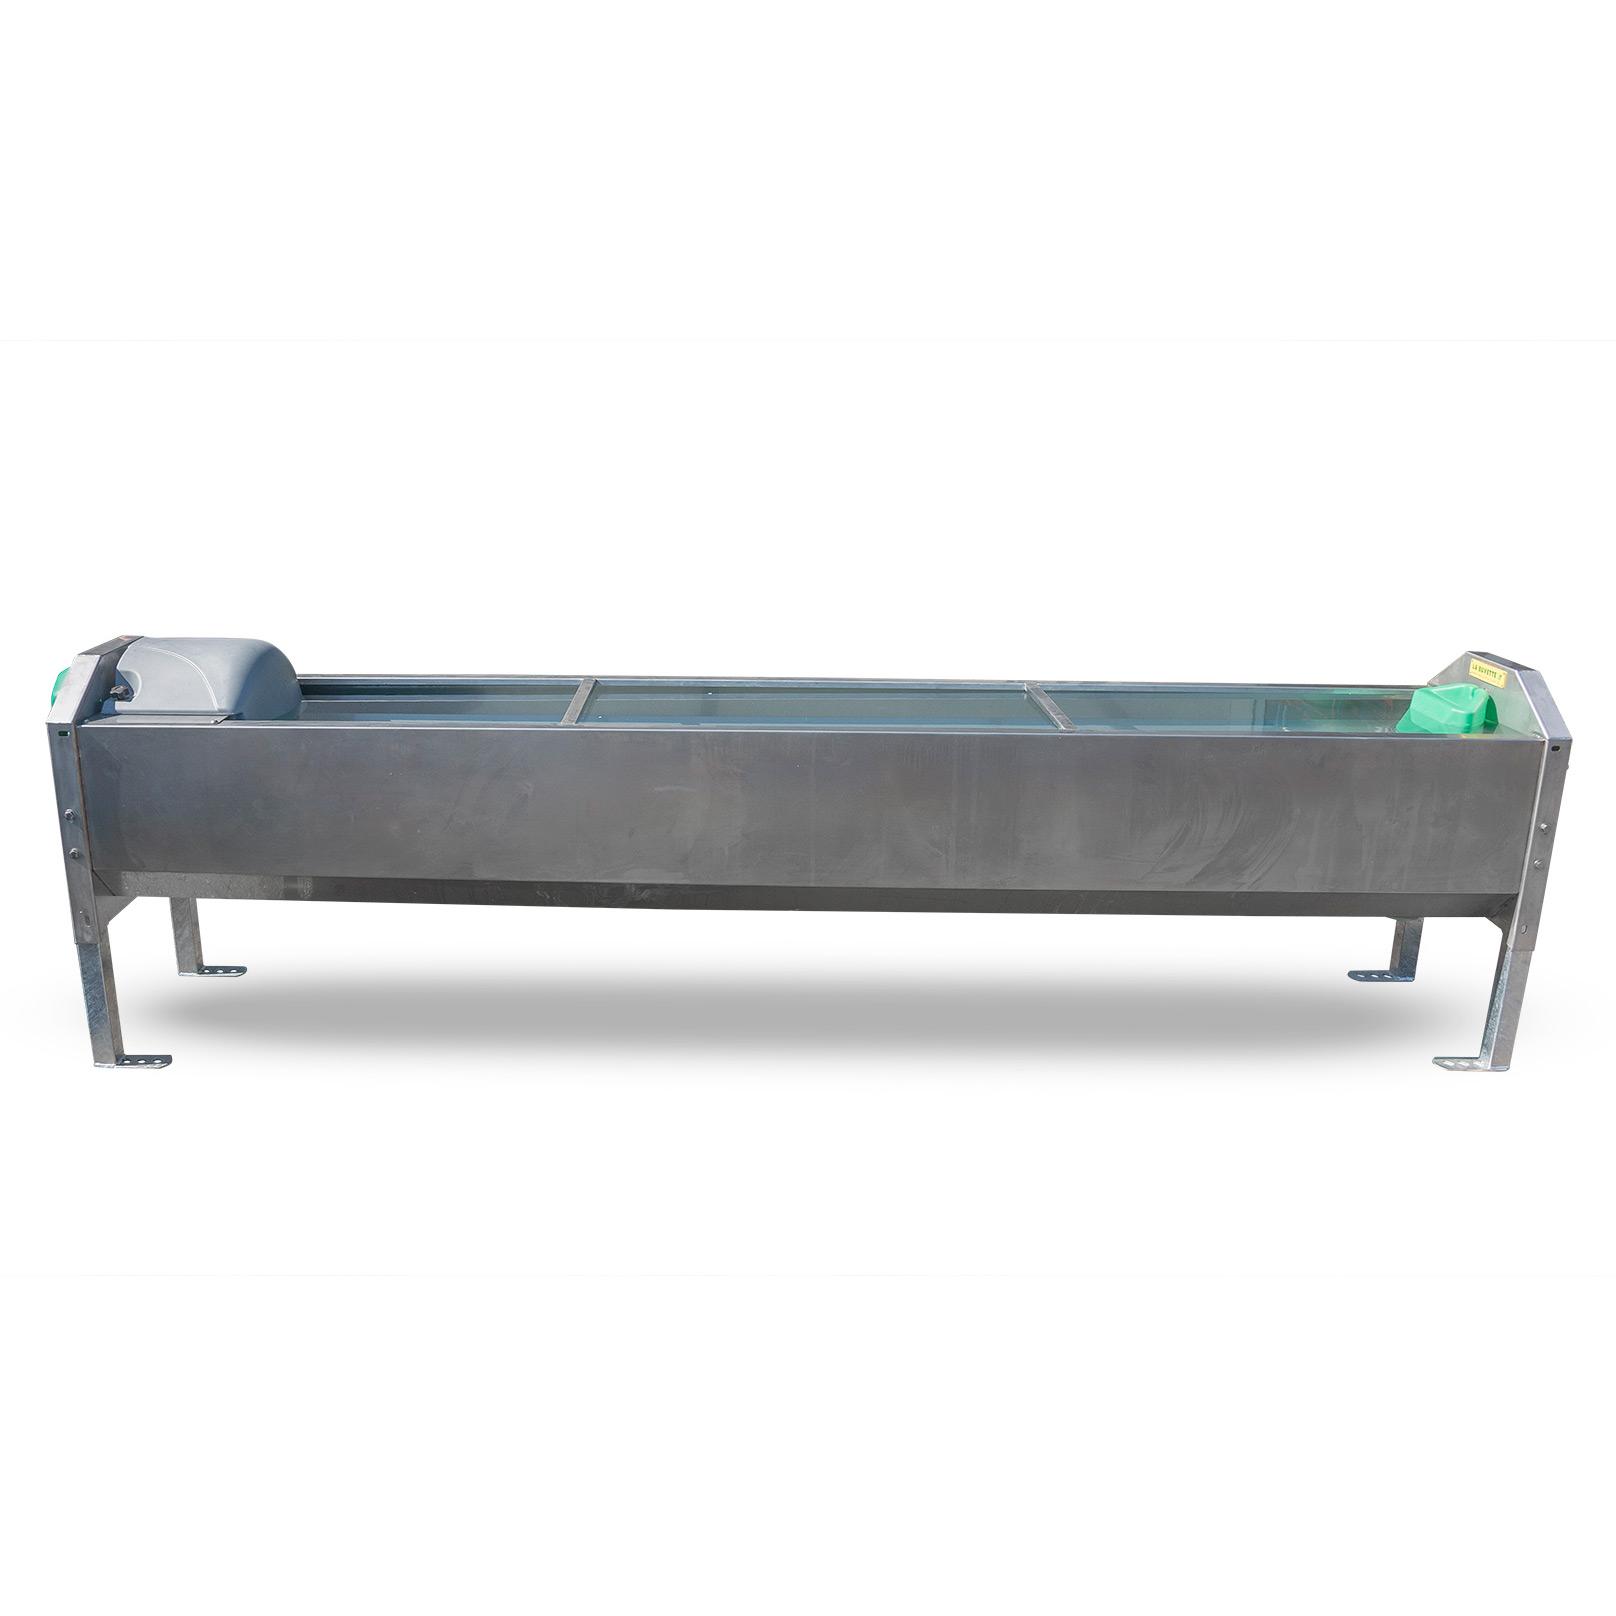 GV300 XL Bebedero de acero inoxidable de gran desague para vacas lecheras